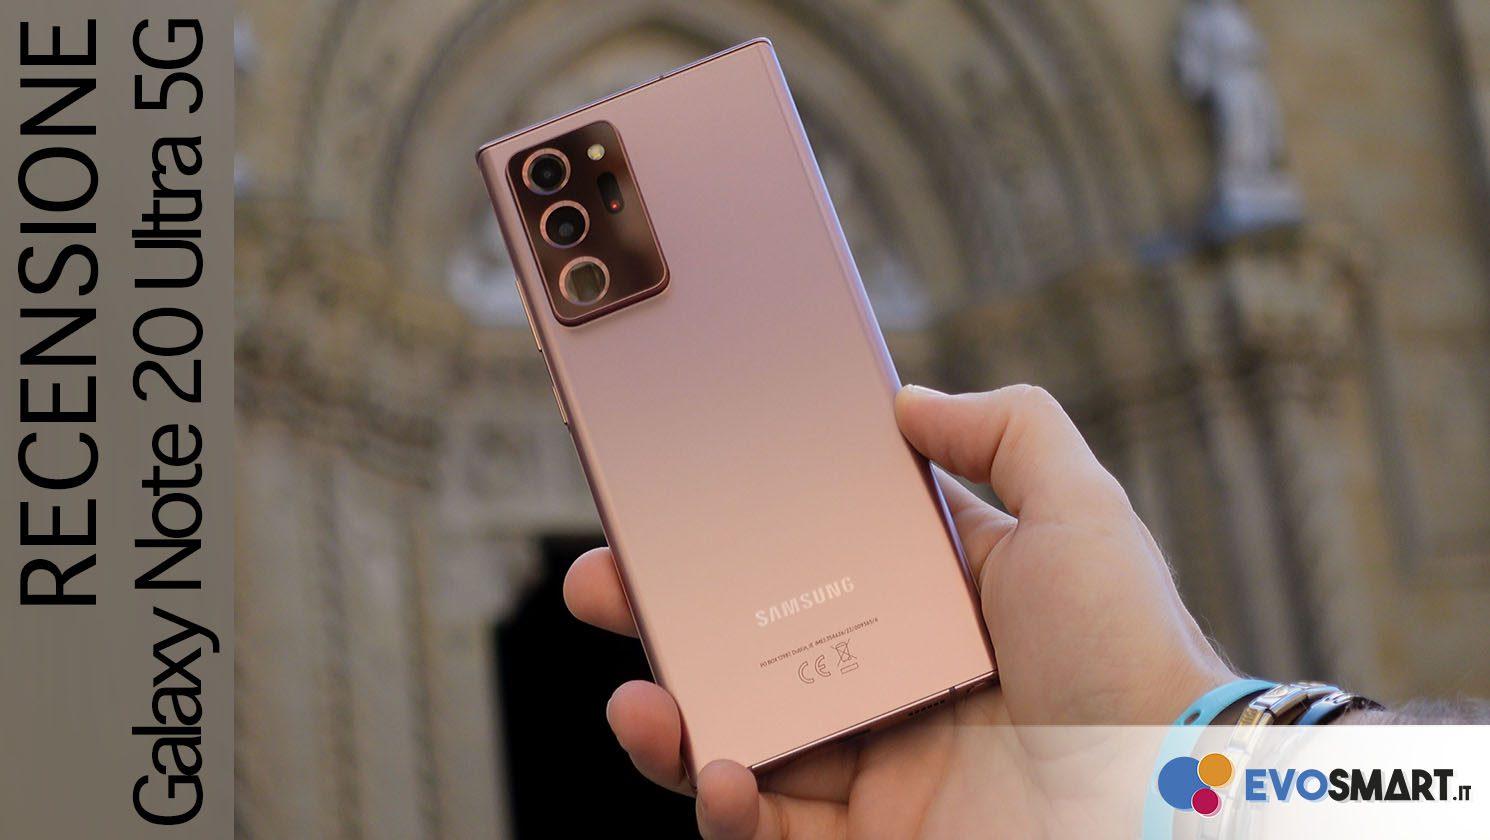 Samsung si è superata con questo Galaxy Note20 Ultra! Recensione